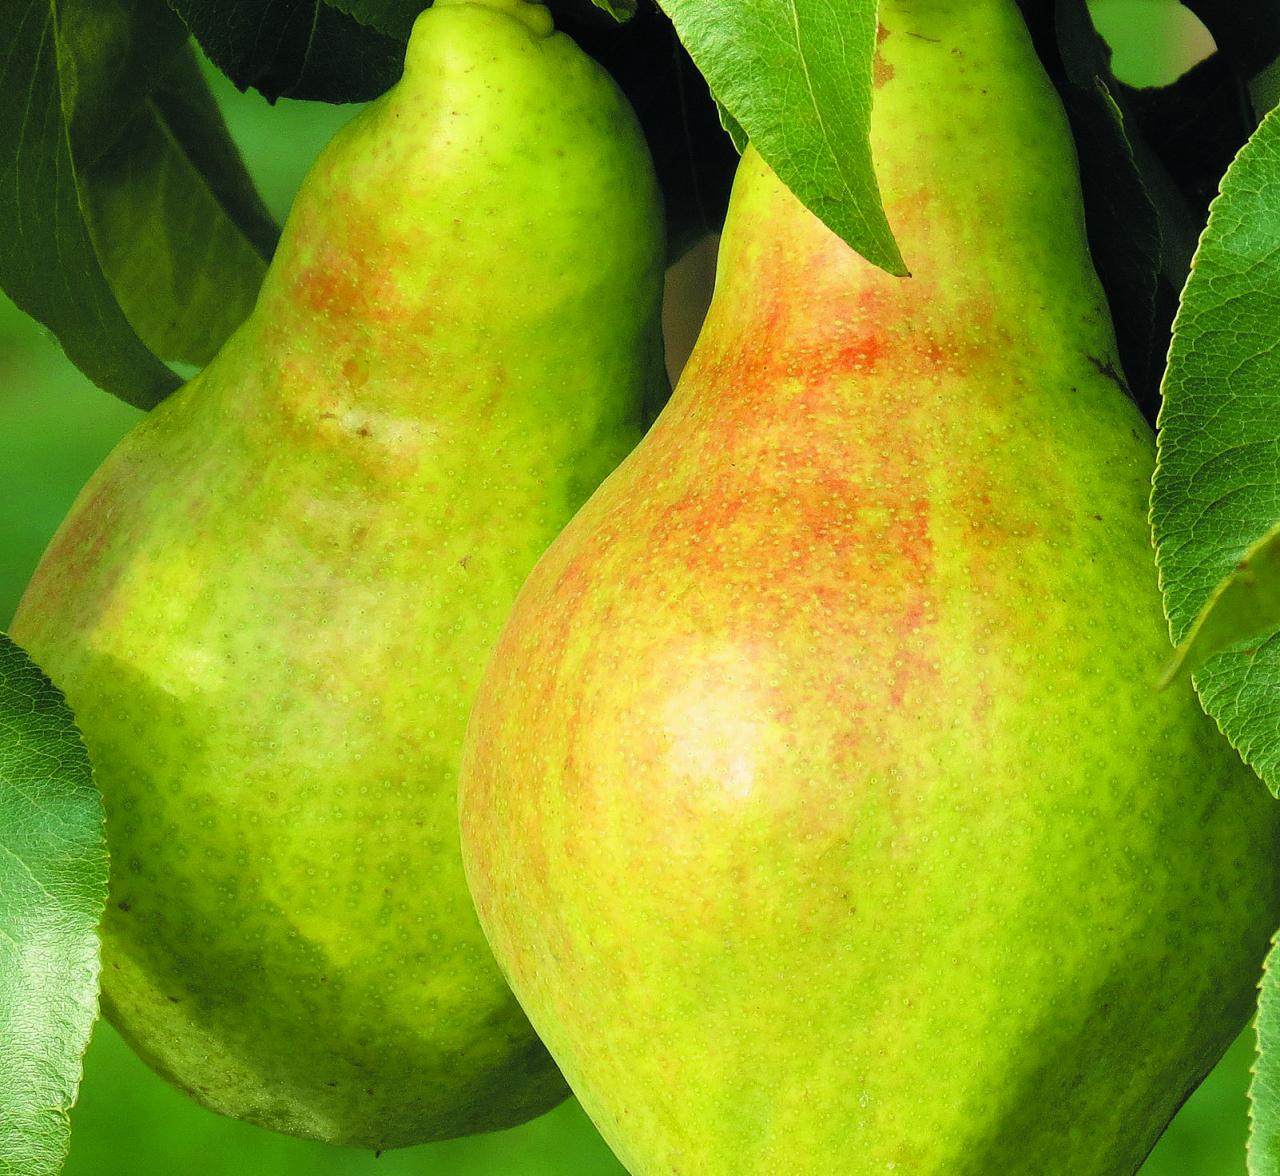 Jaunums. Dārzkopības institūta šķirne Lauriņa ir gan ražīga, gan augļu kvalitāte katru gadu teicama. Pat vēsās vasarās. Sākot no septembra, šķirnes bumbierus var grauzt, noraujot no koka, – saldums ir pietiekams. Tomēr savu izcilību augļi sasniedz, kad tos dažas dienas pagatavina istabas temperatūrā, tad tie kļūst maigi saldskābi, mīkstums – kaut kas starp kūstošu un kraukšķīgu.